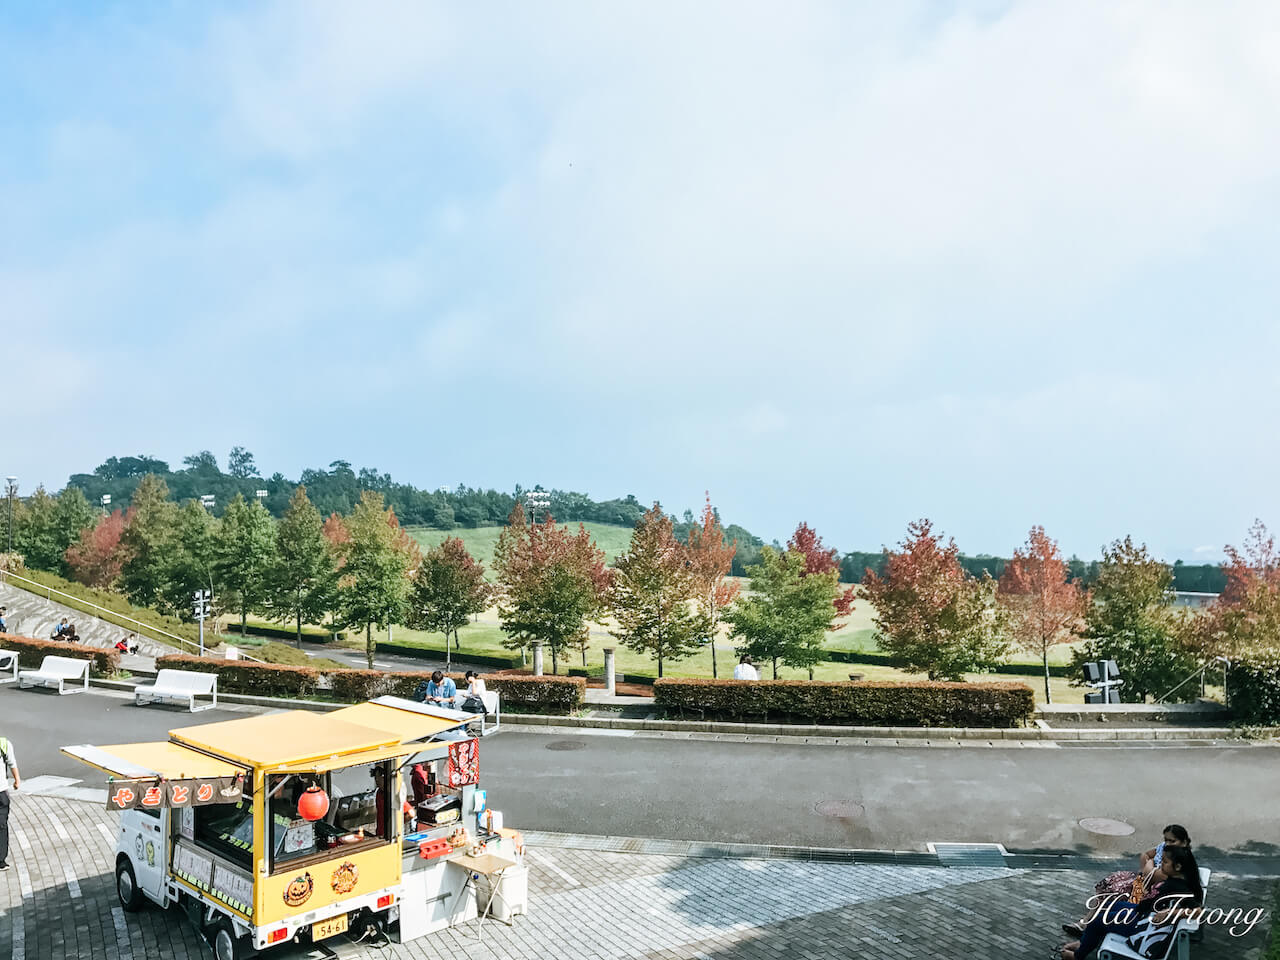 Ritsumeikan Asia Pacific University in Beppu Oita Japan